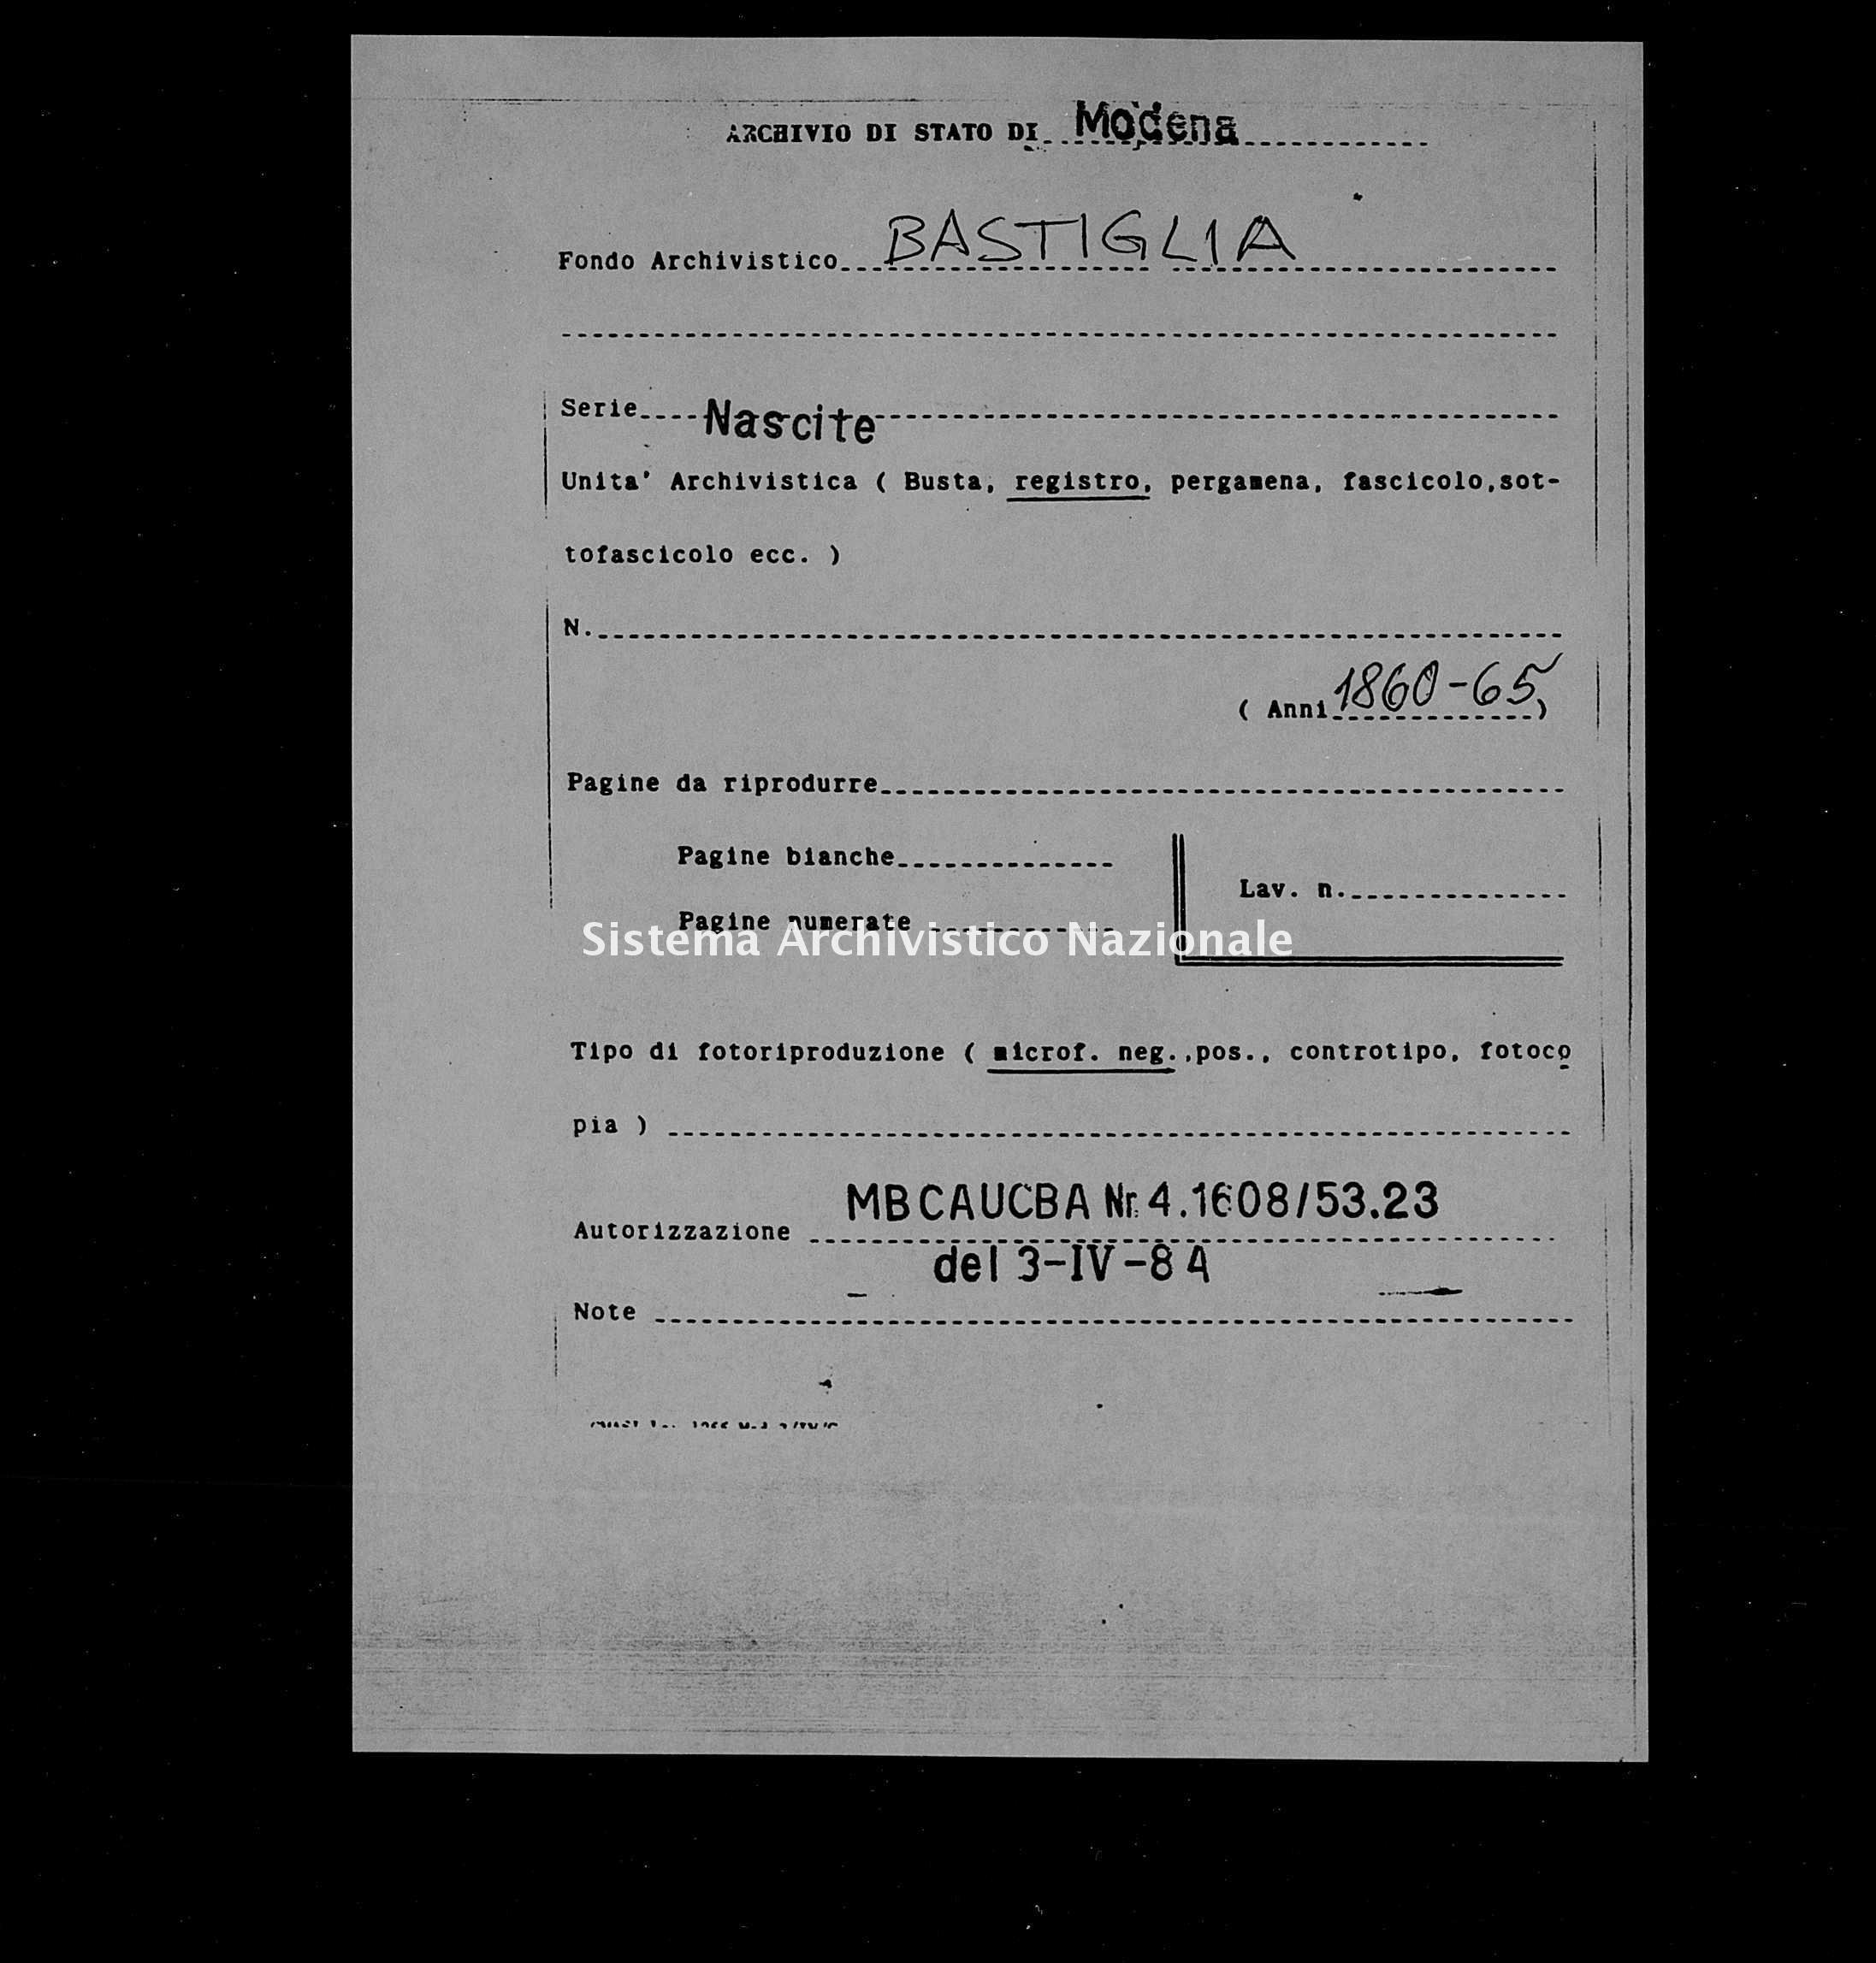 Archivio di stato di Modena - Stato civile italiano - Bastiglia - Nati, indici decennali - 1860-1865 -